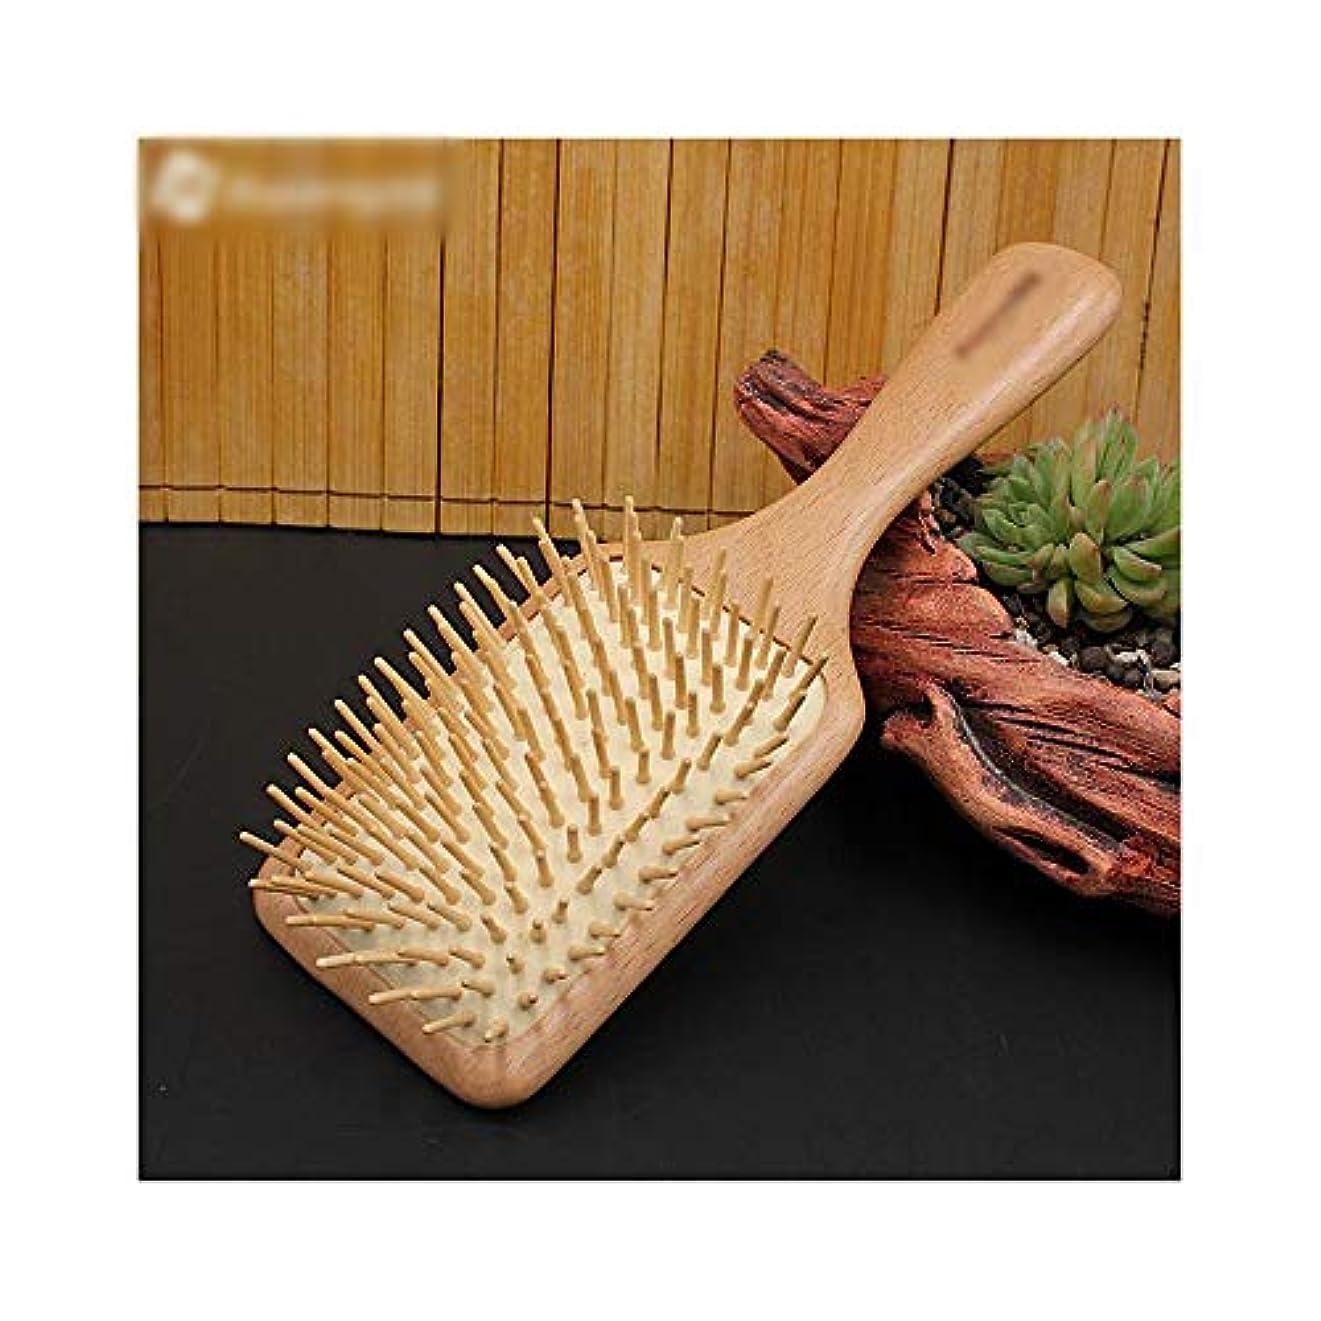 成長する考古学的な一目Fashian木製ヘアブラシ、ブナくしエアバッグマッサージくし木製ヘアブラシ ヘアケア (色 : Square)